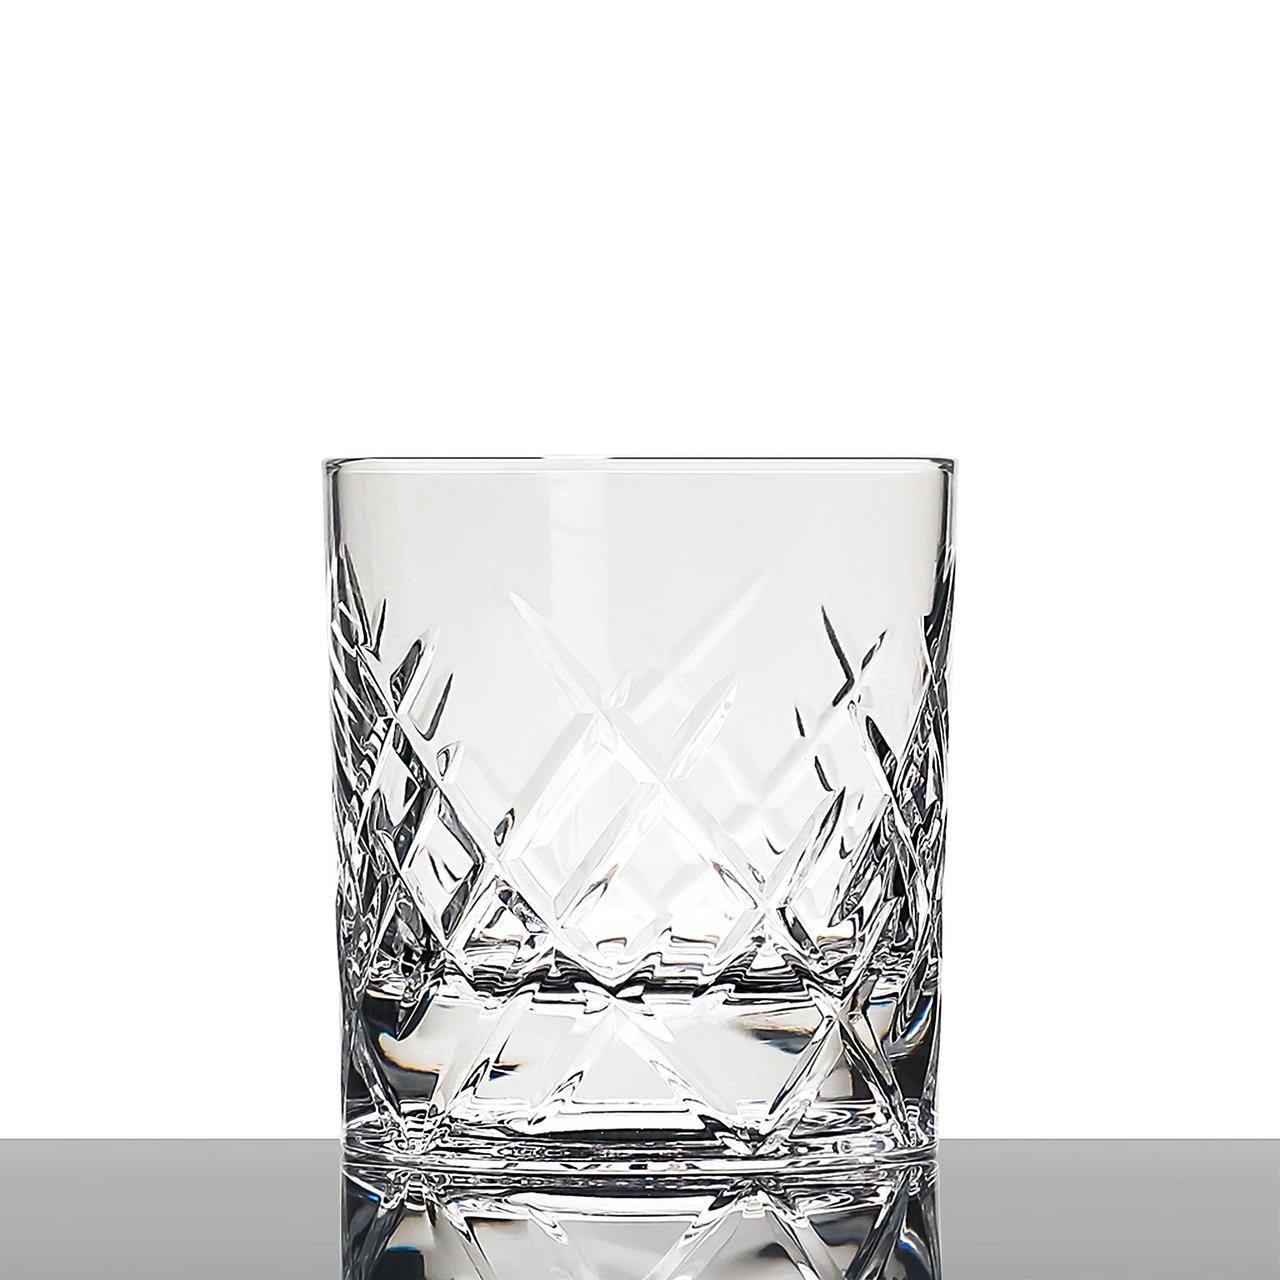 shtox spinning whisky glas modell 11 spinning glass shtox shtox gl ser glasklar berlin. Black Bedroom Furniture Sets. Home Design Ideas